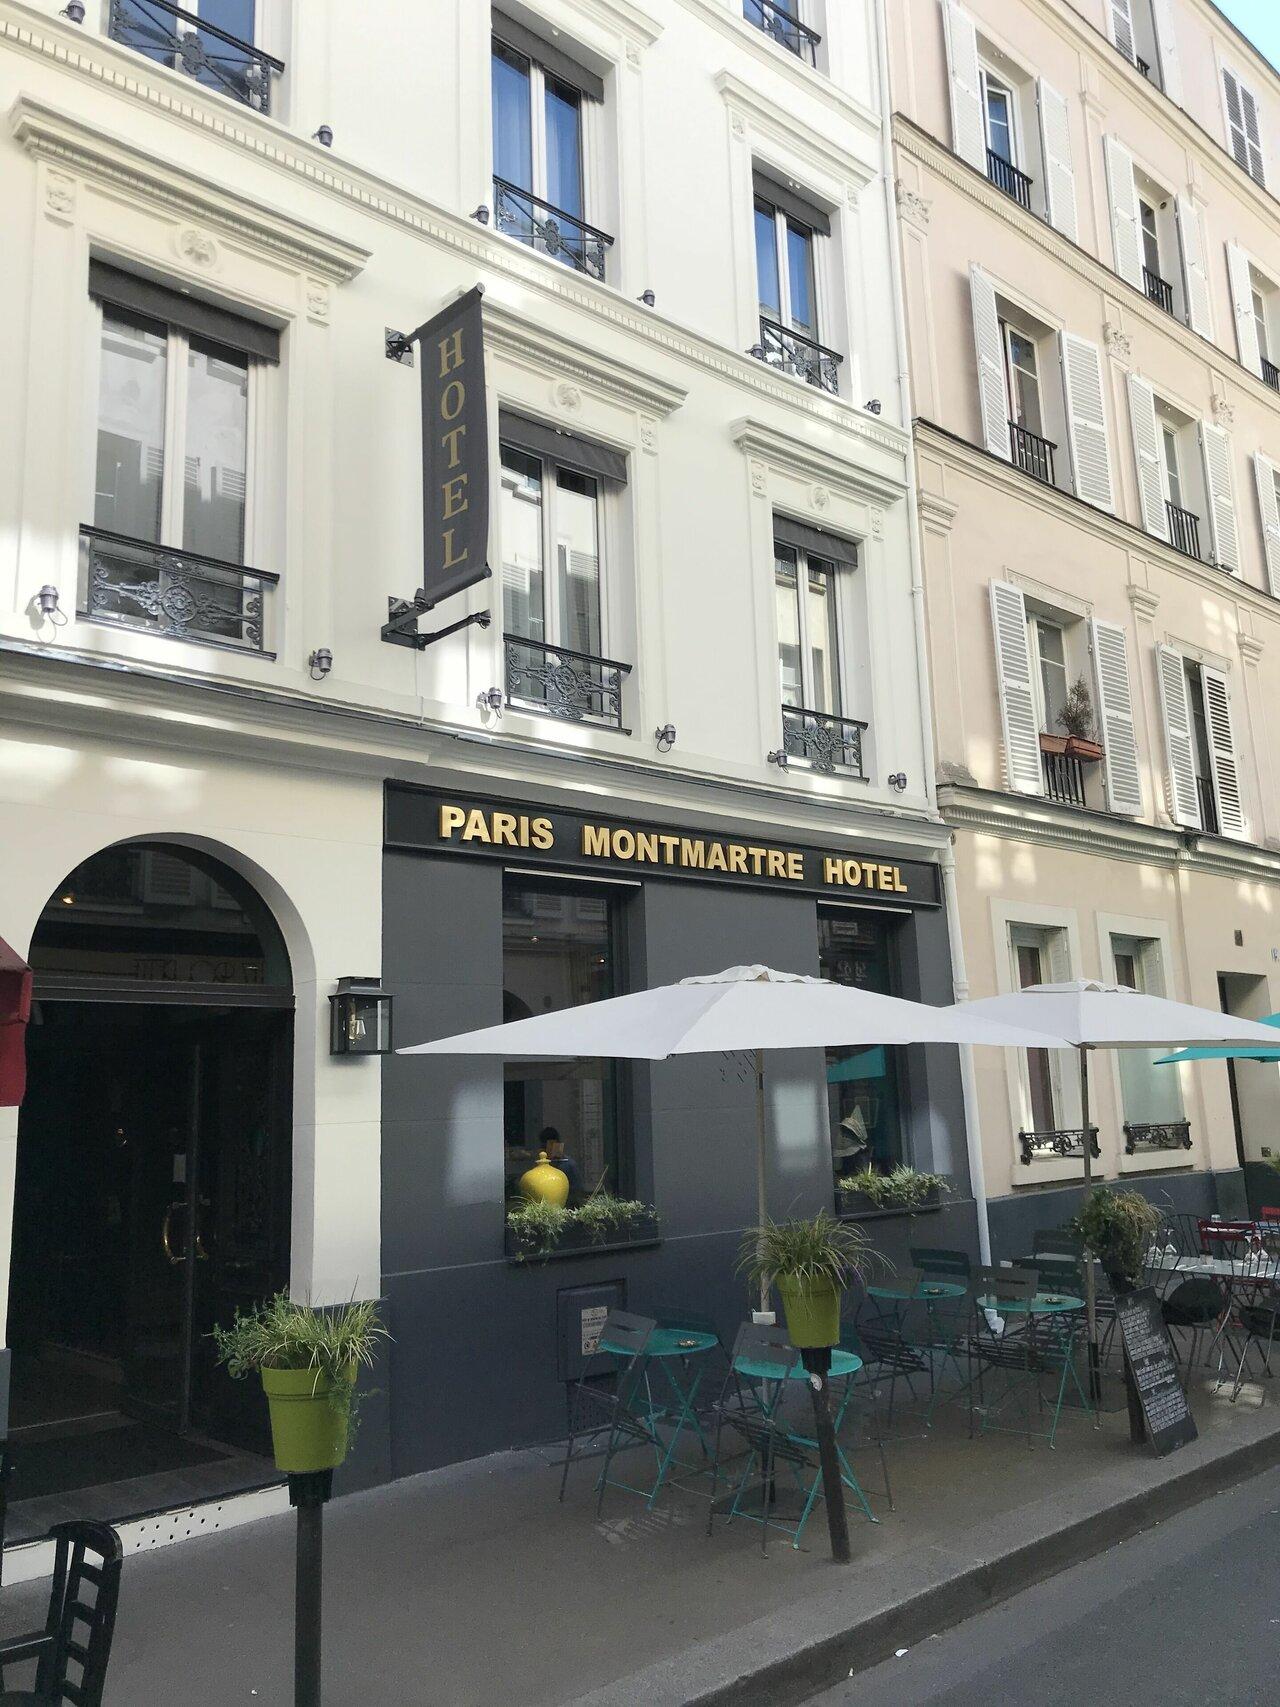 De Paris Montmartre